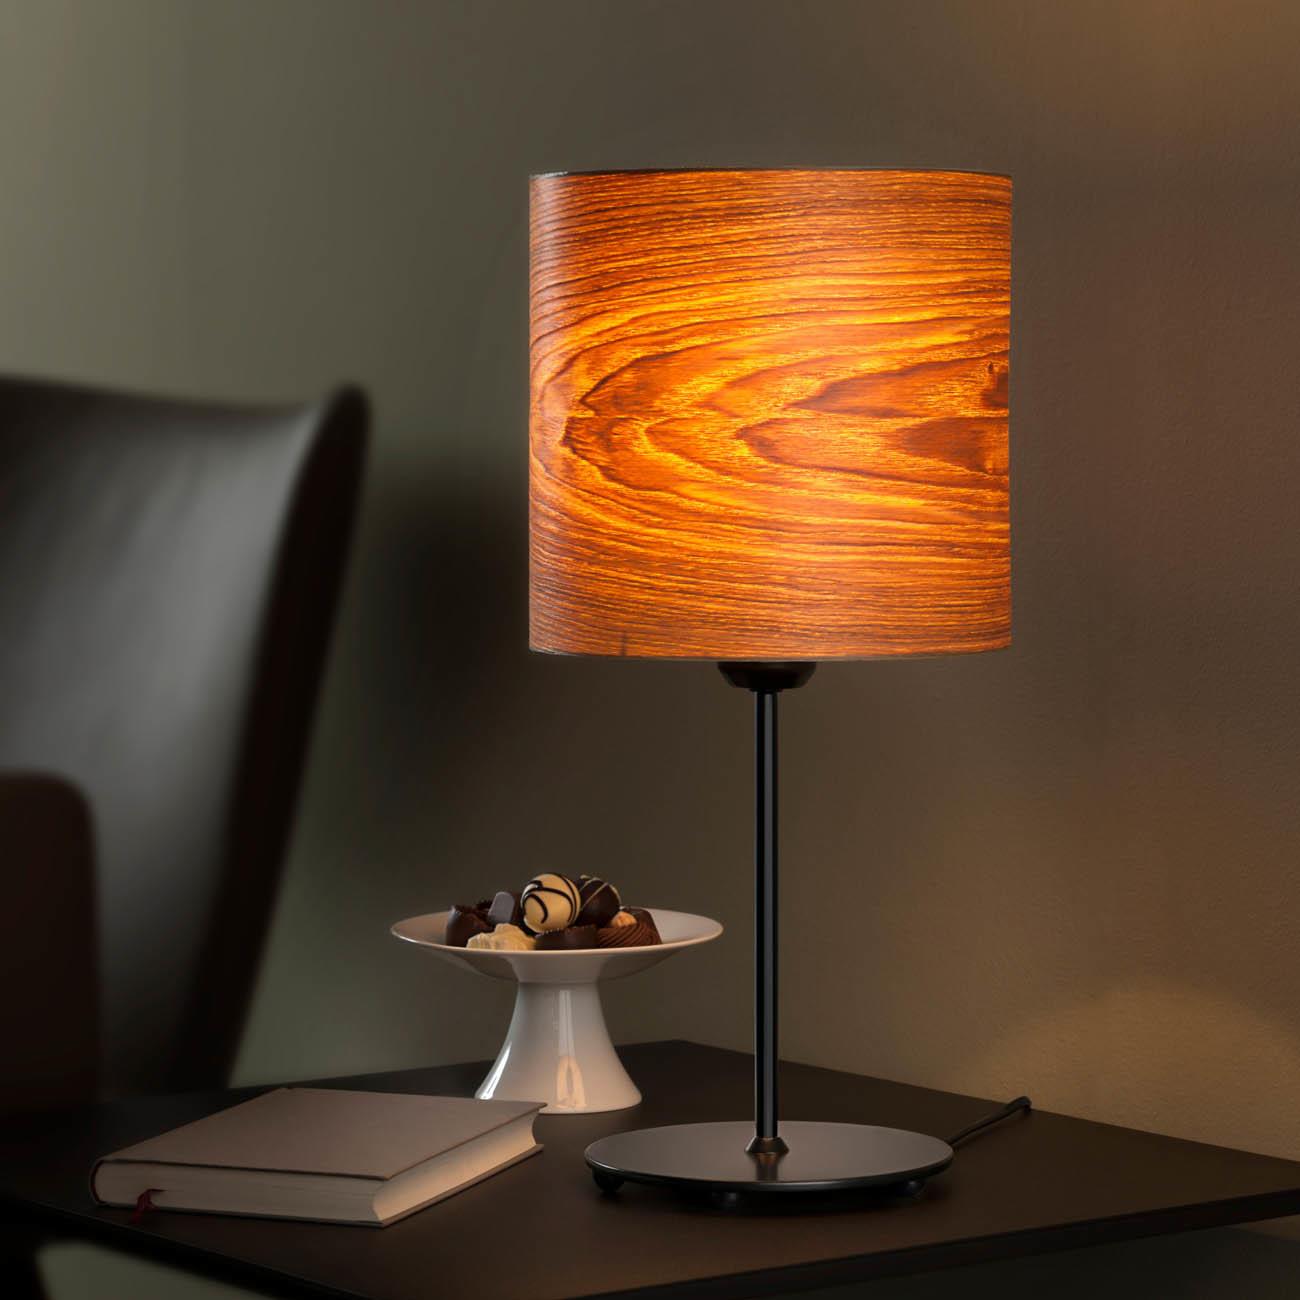 design tafellamp van echt hout goedkoop online kopen. Black Bedroom Furniture Sets. Home Design Ideas